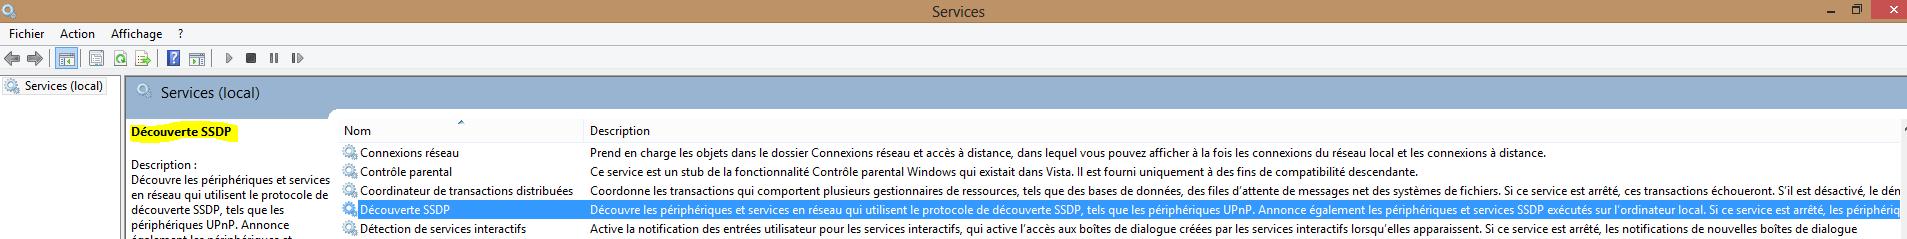 Image 18 arrêt et désactivation service SSDP